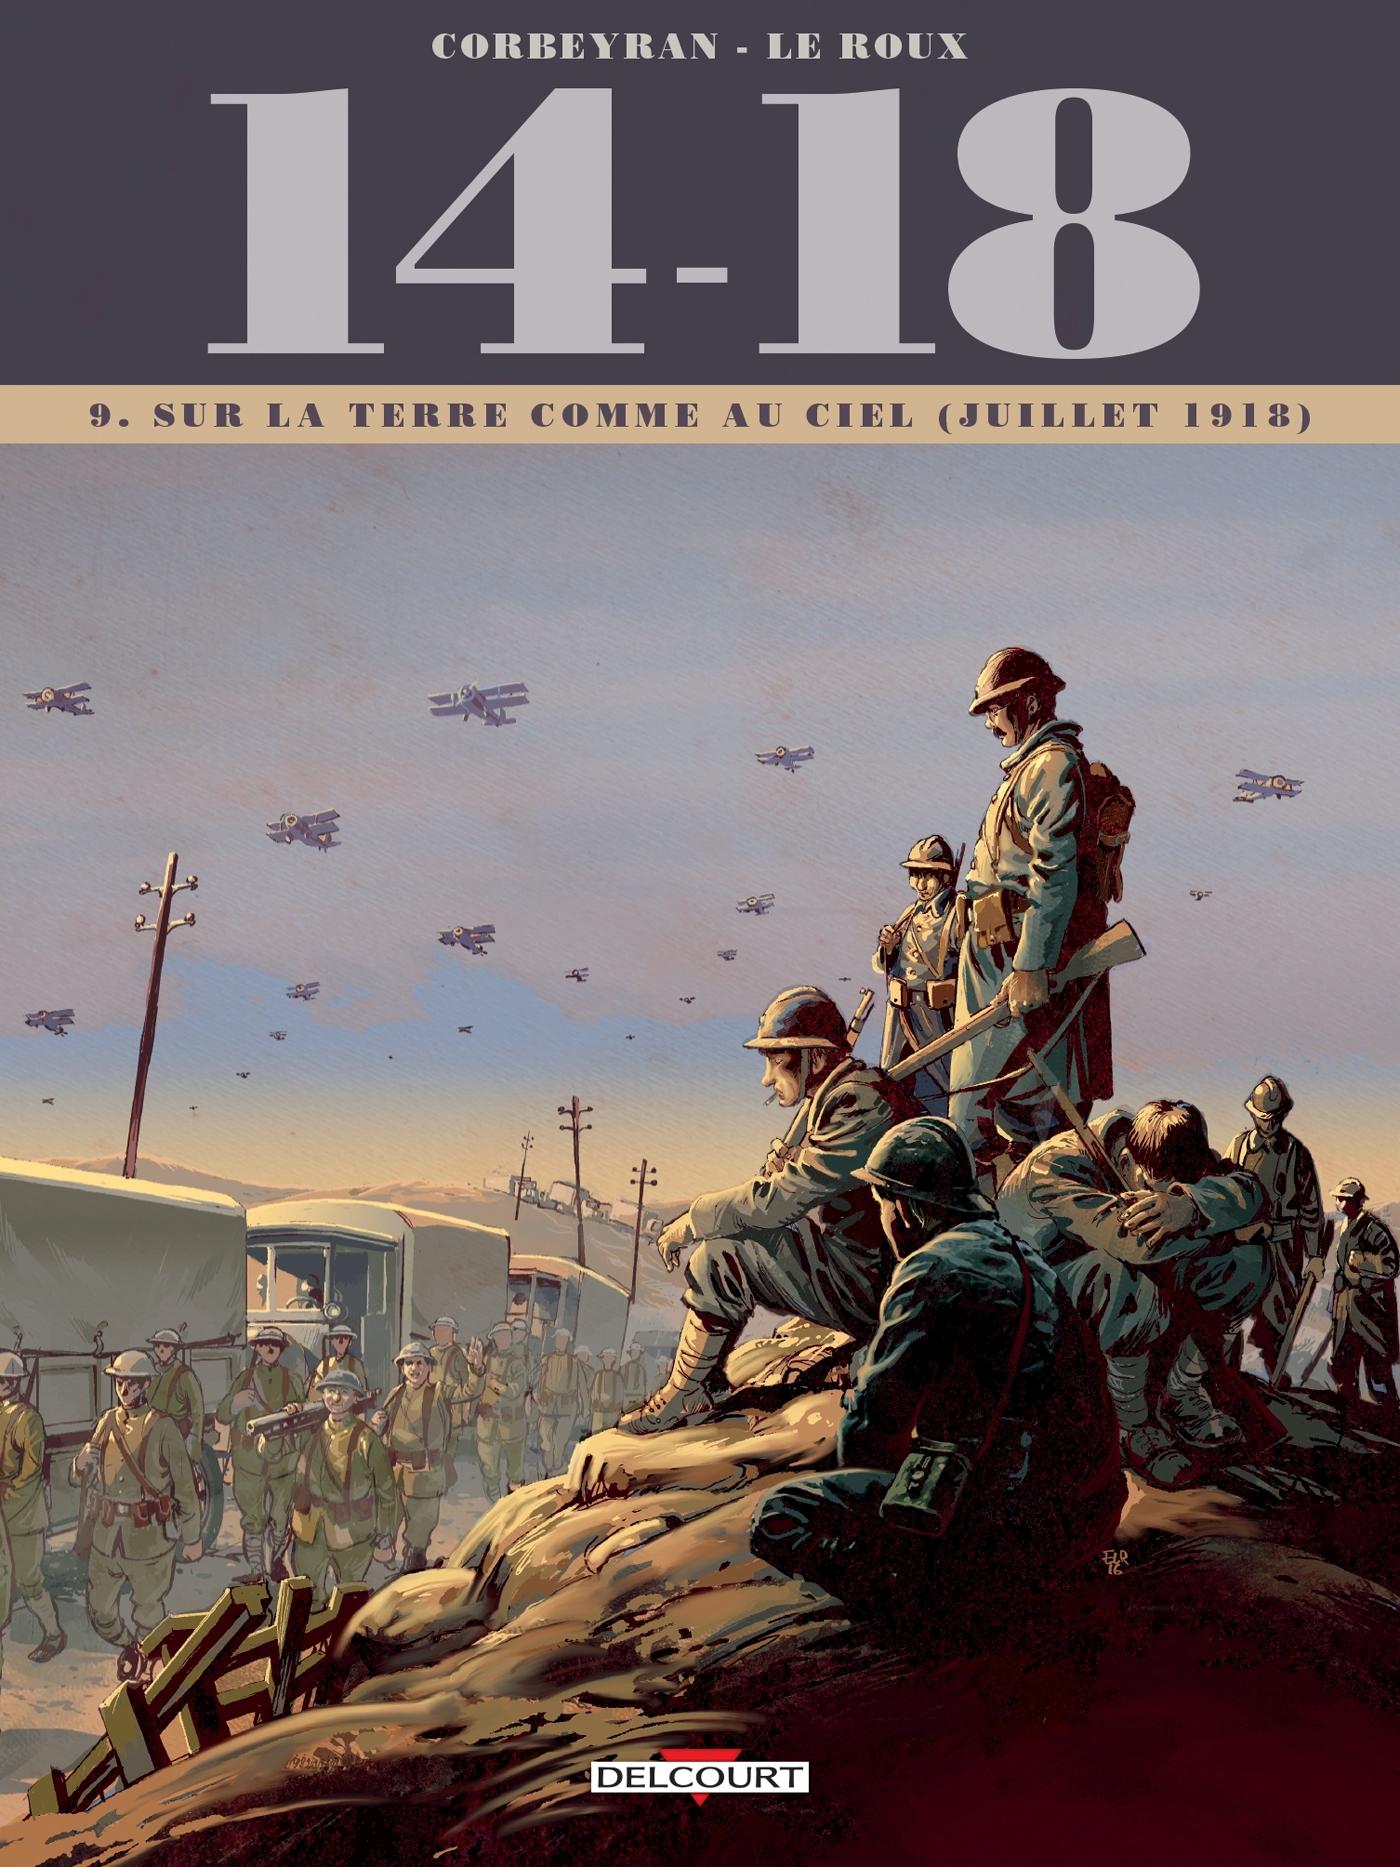 14 - 18 TOME 09. SUR LA TERRE COMME AU CIEL (JUILLET 1918)